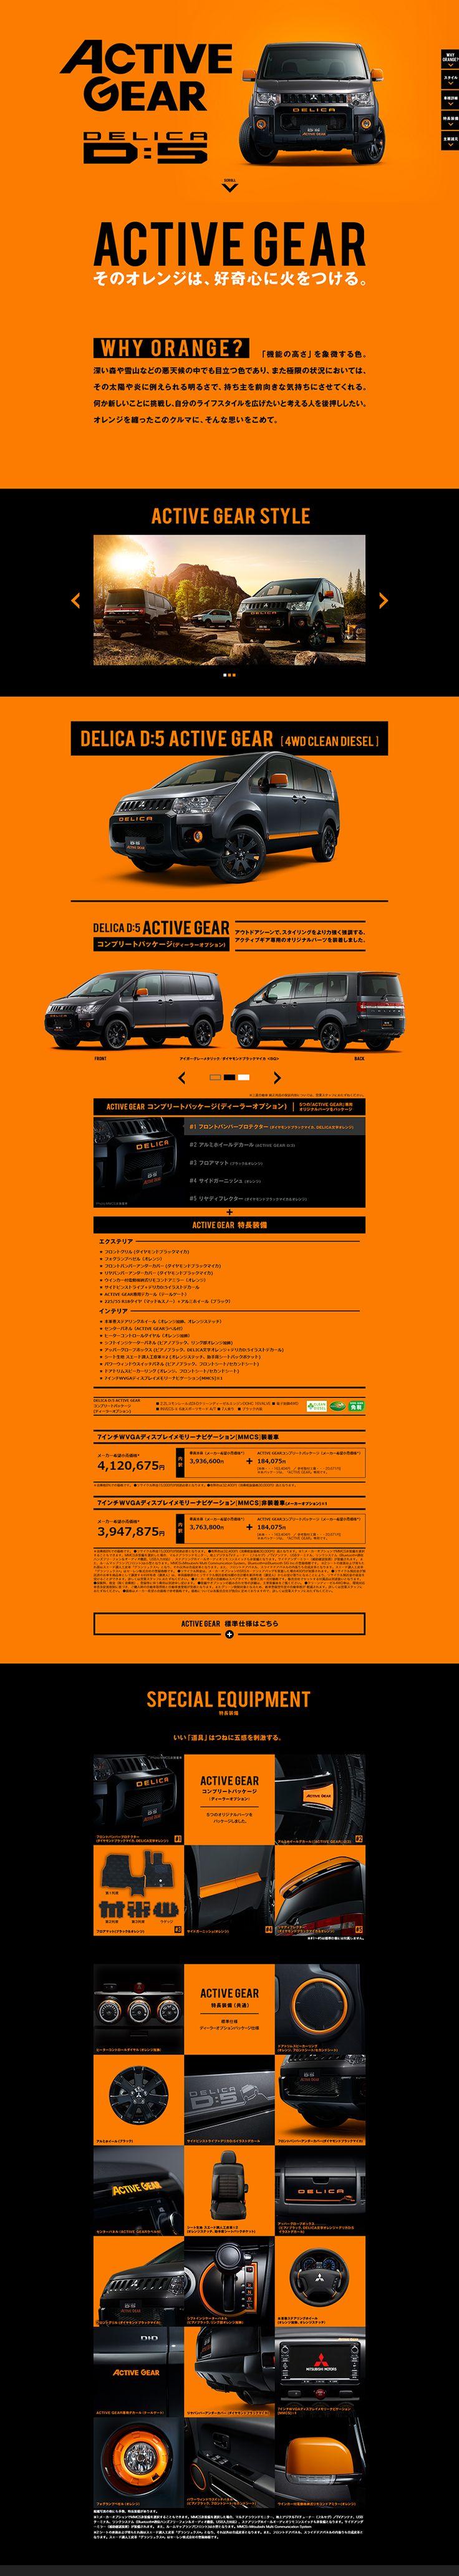 DELICA D:5 WEBデザイナーさん必見!ランディングページのデザイン参考に(かっこいい系)